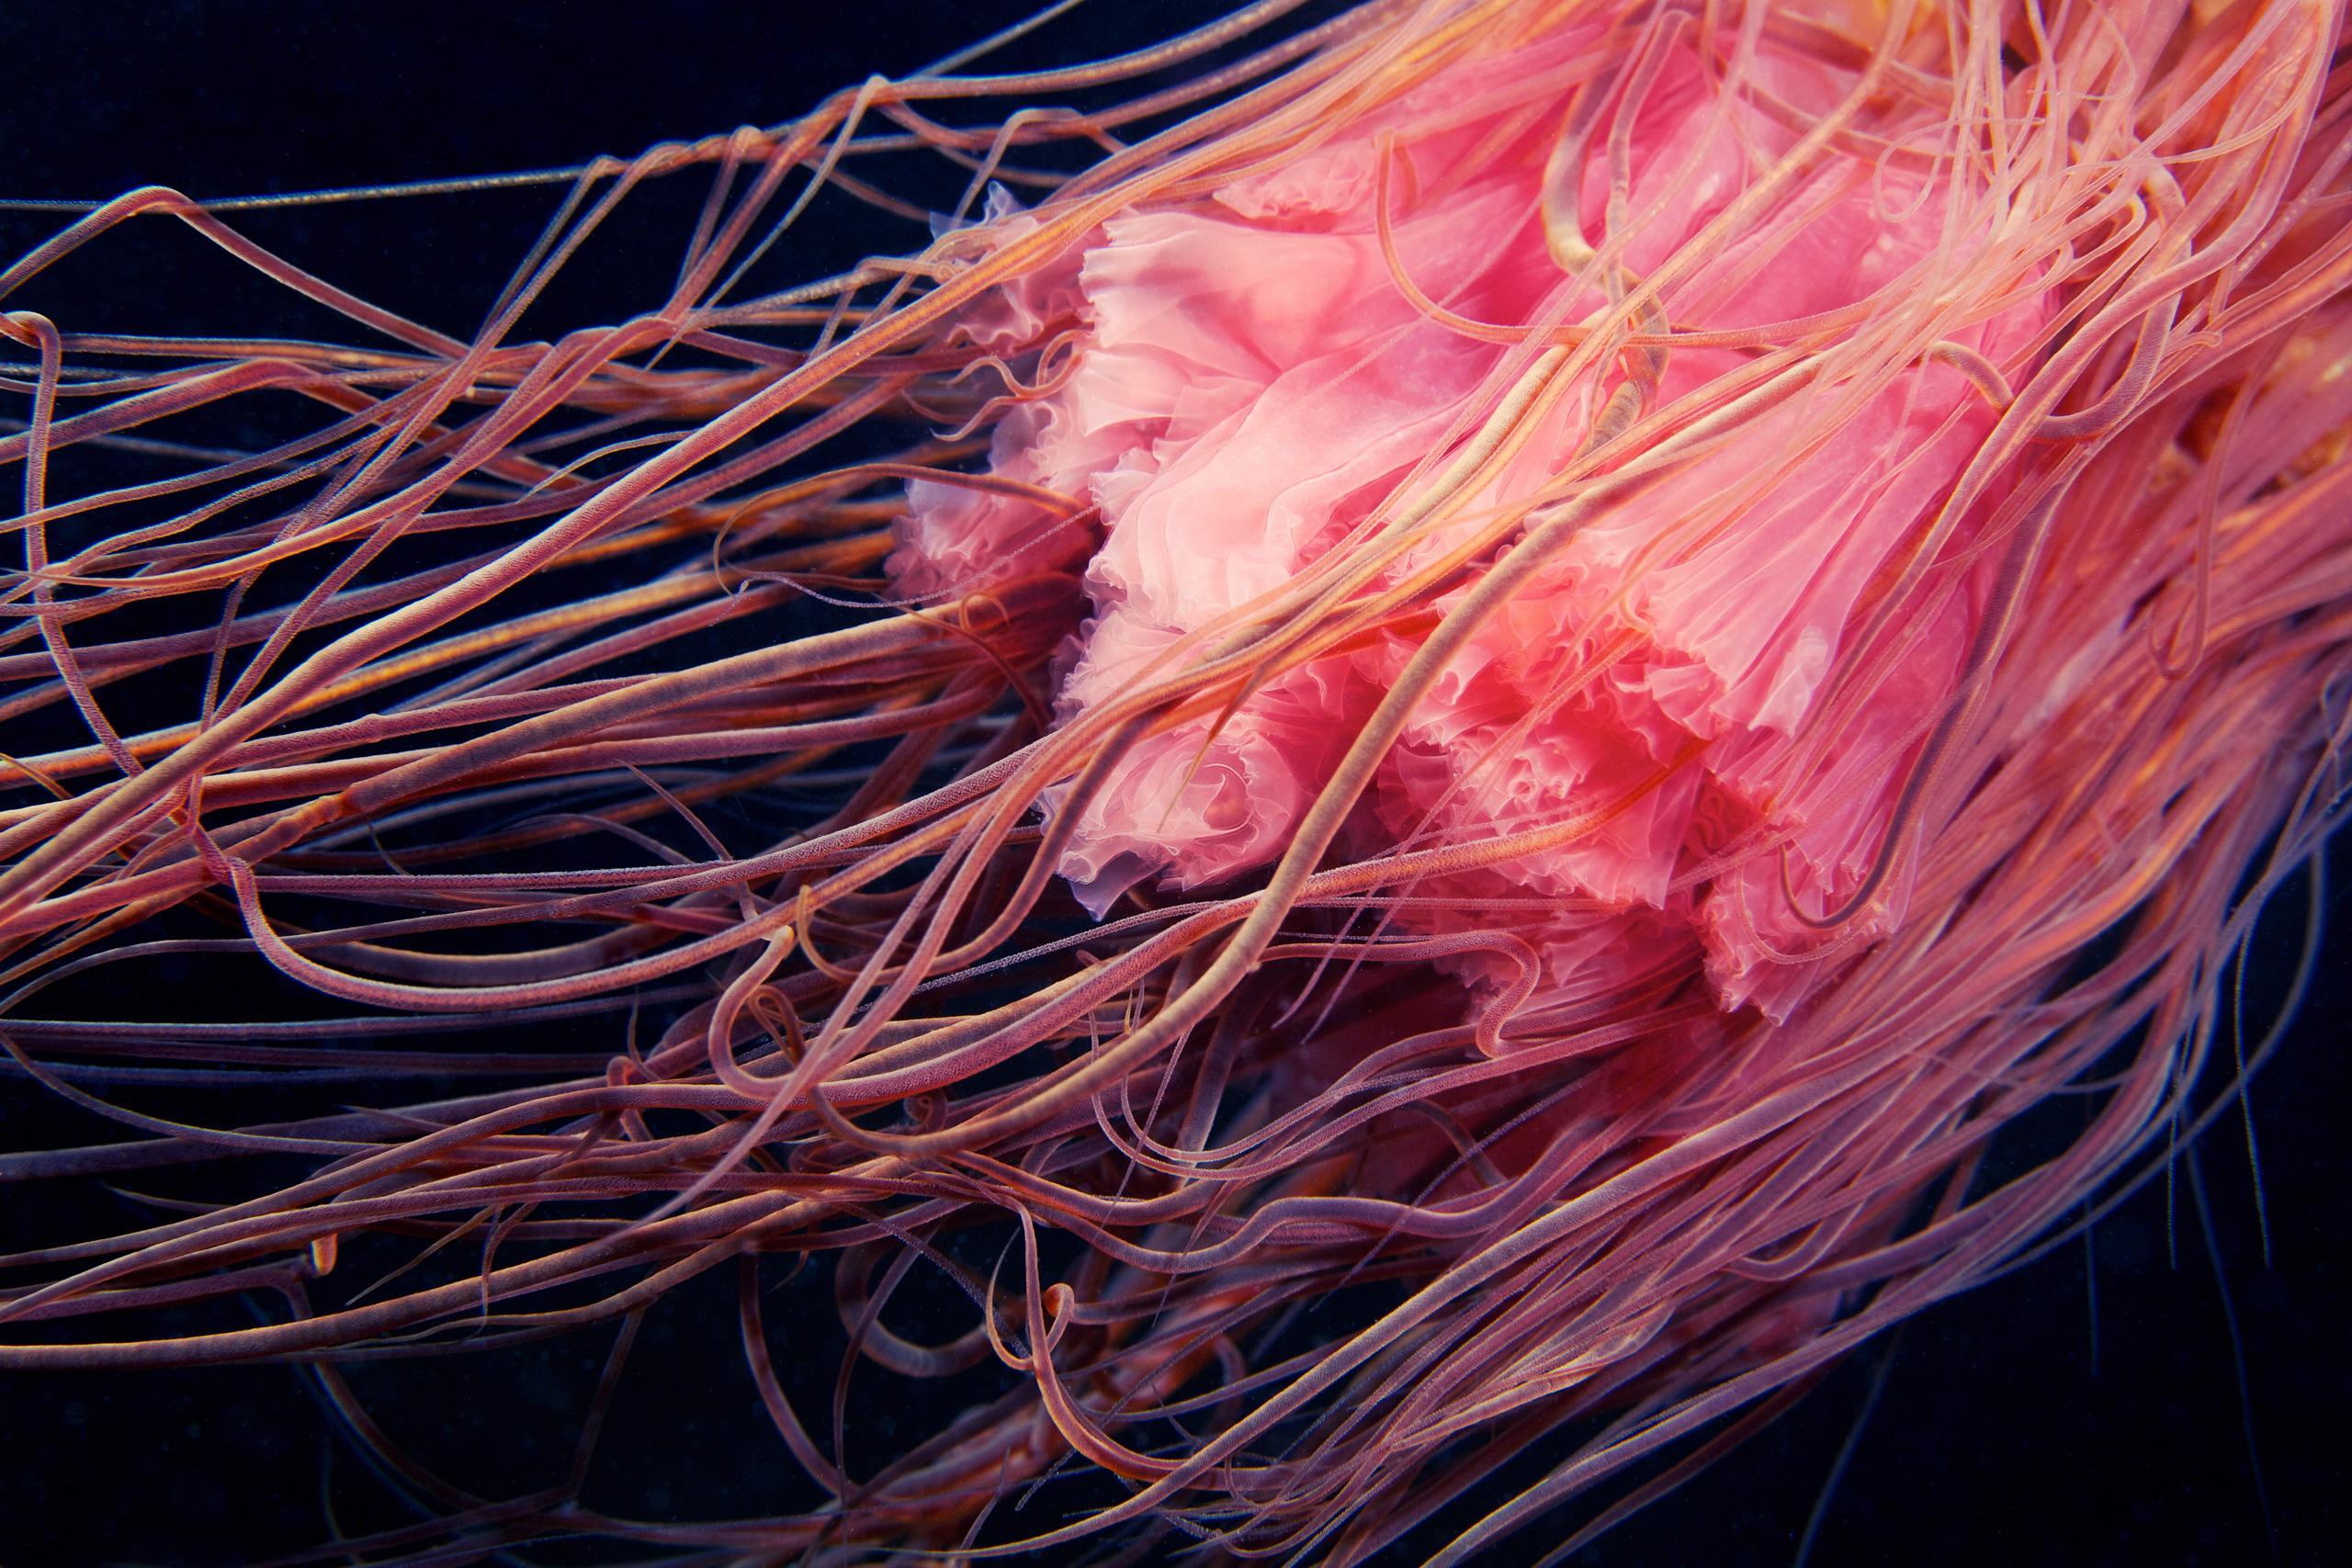 Cyanea capillata tentacles 1